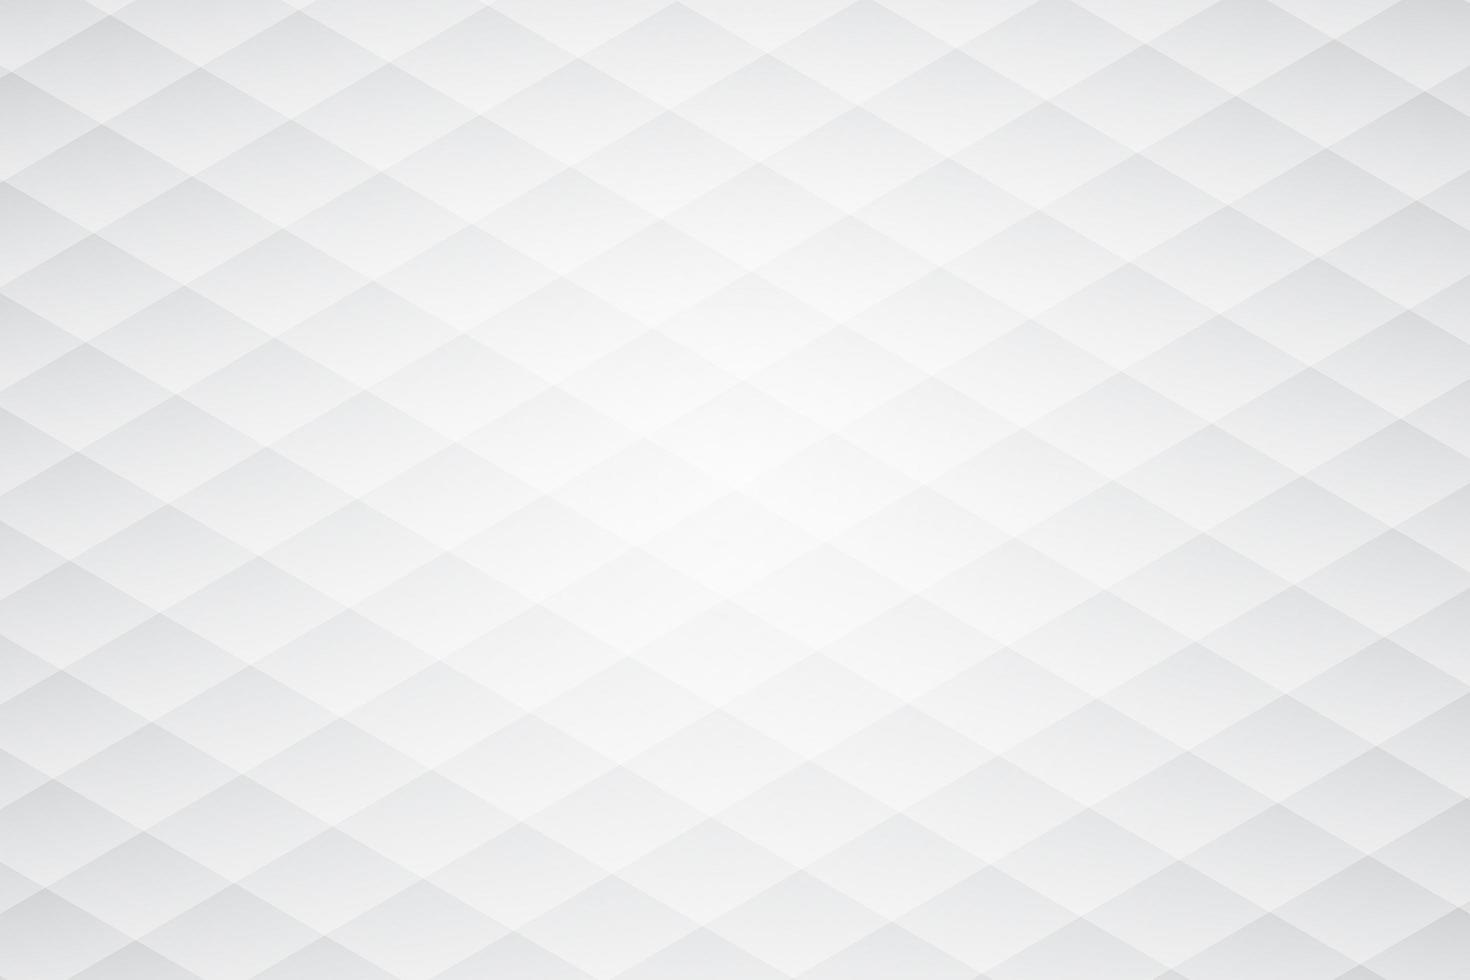 motif transparent texturé matelassé abstrait blanc vecteur